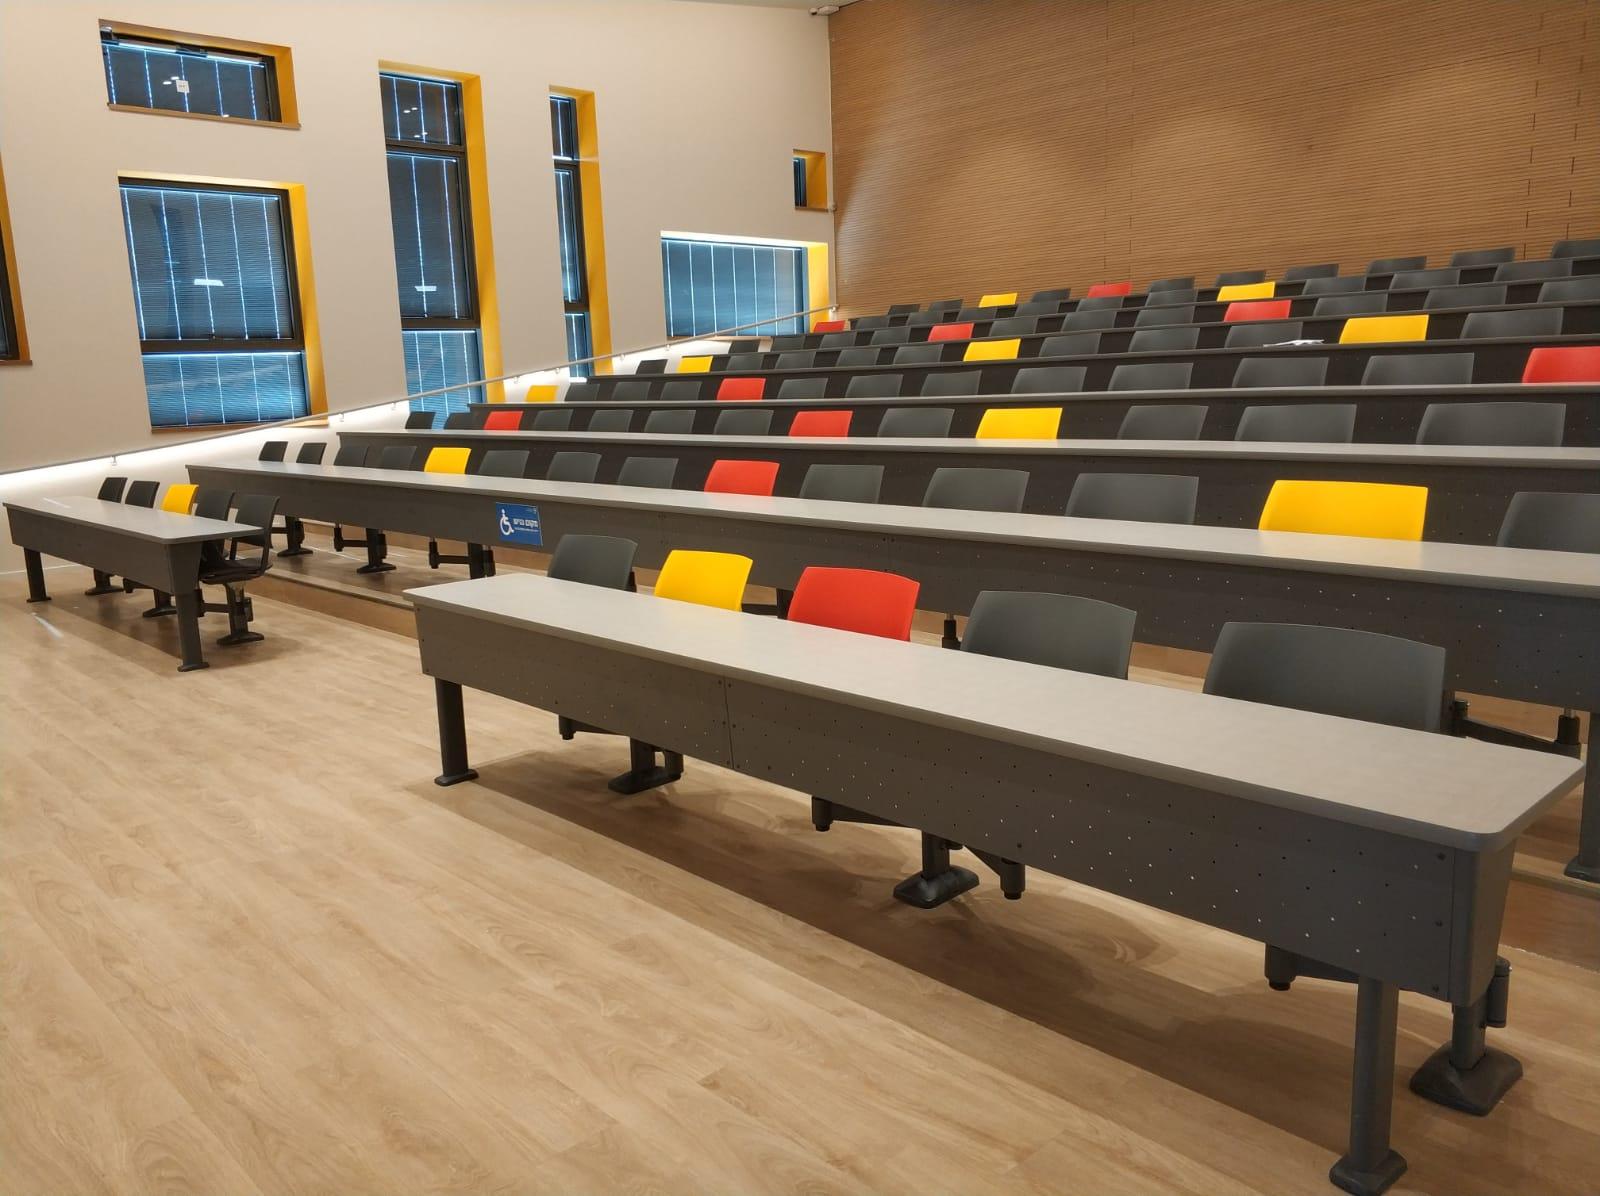 כיסאות כיתות למוד בית ברל מושבי רחף IRWIN (3)